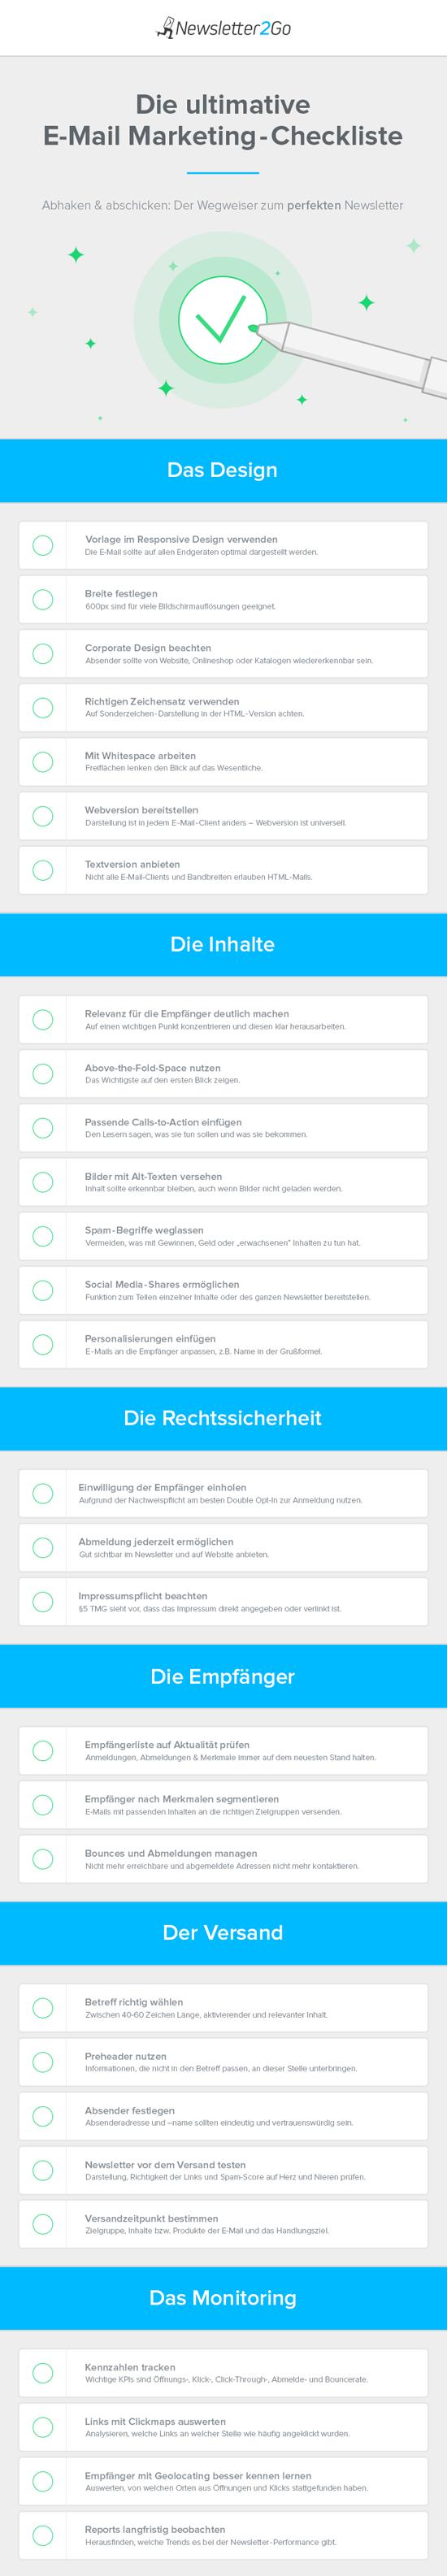 E-Mail Marketing Checkliste